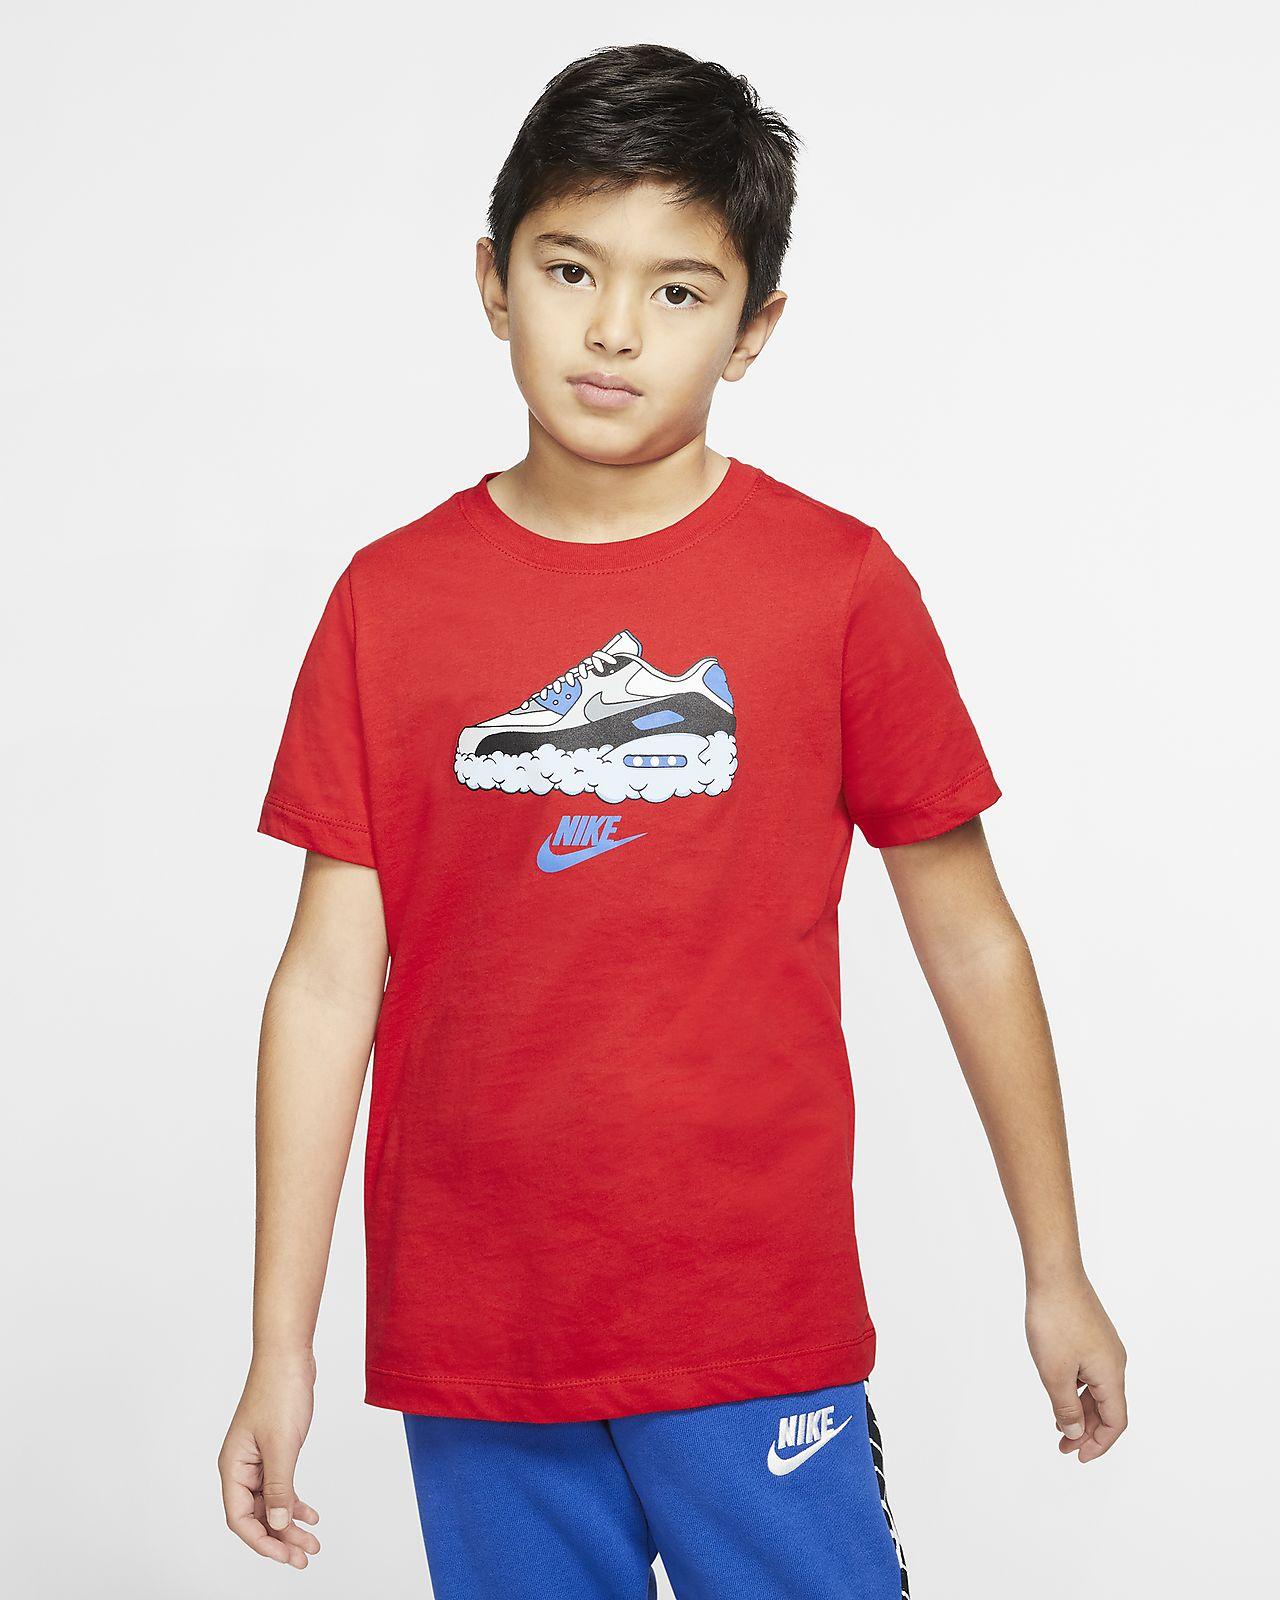 nike 657 shirt